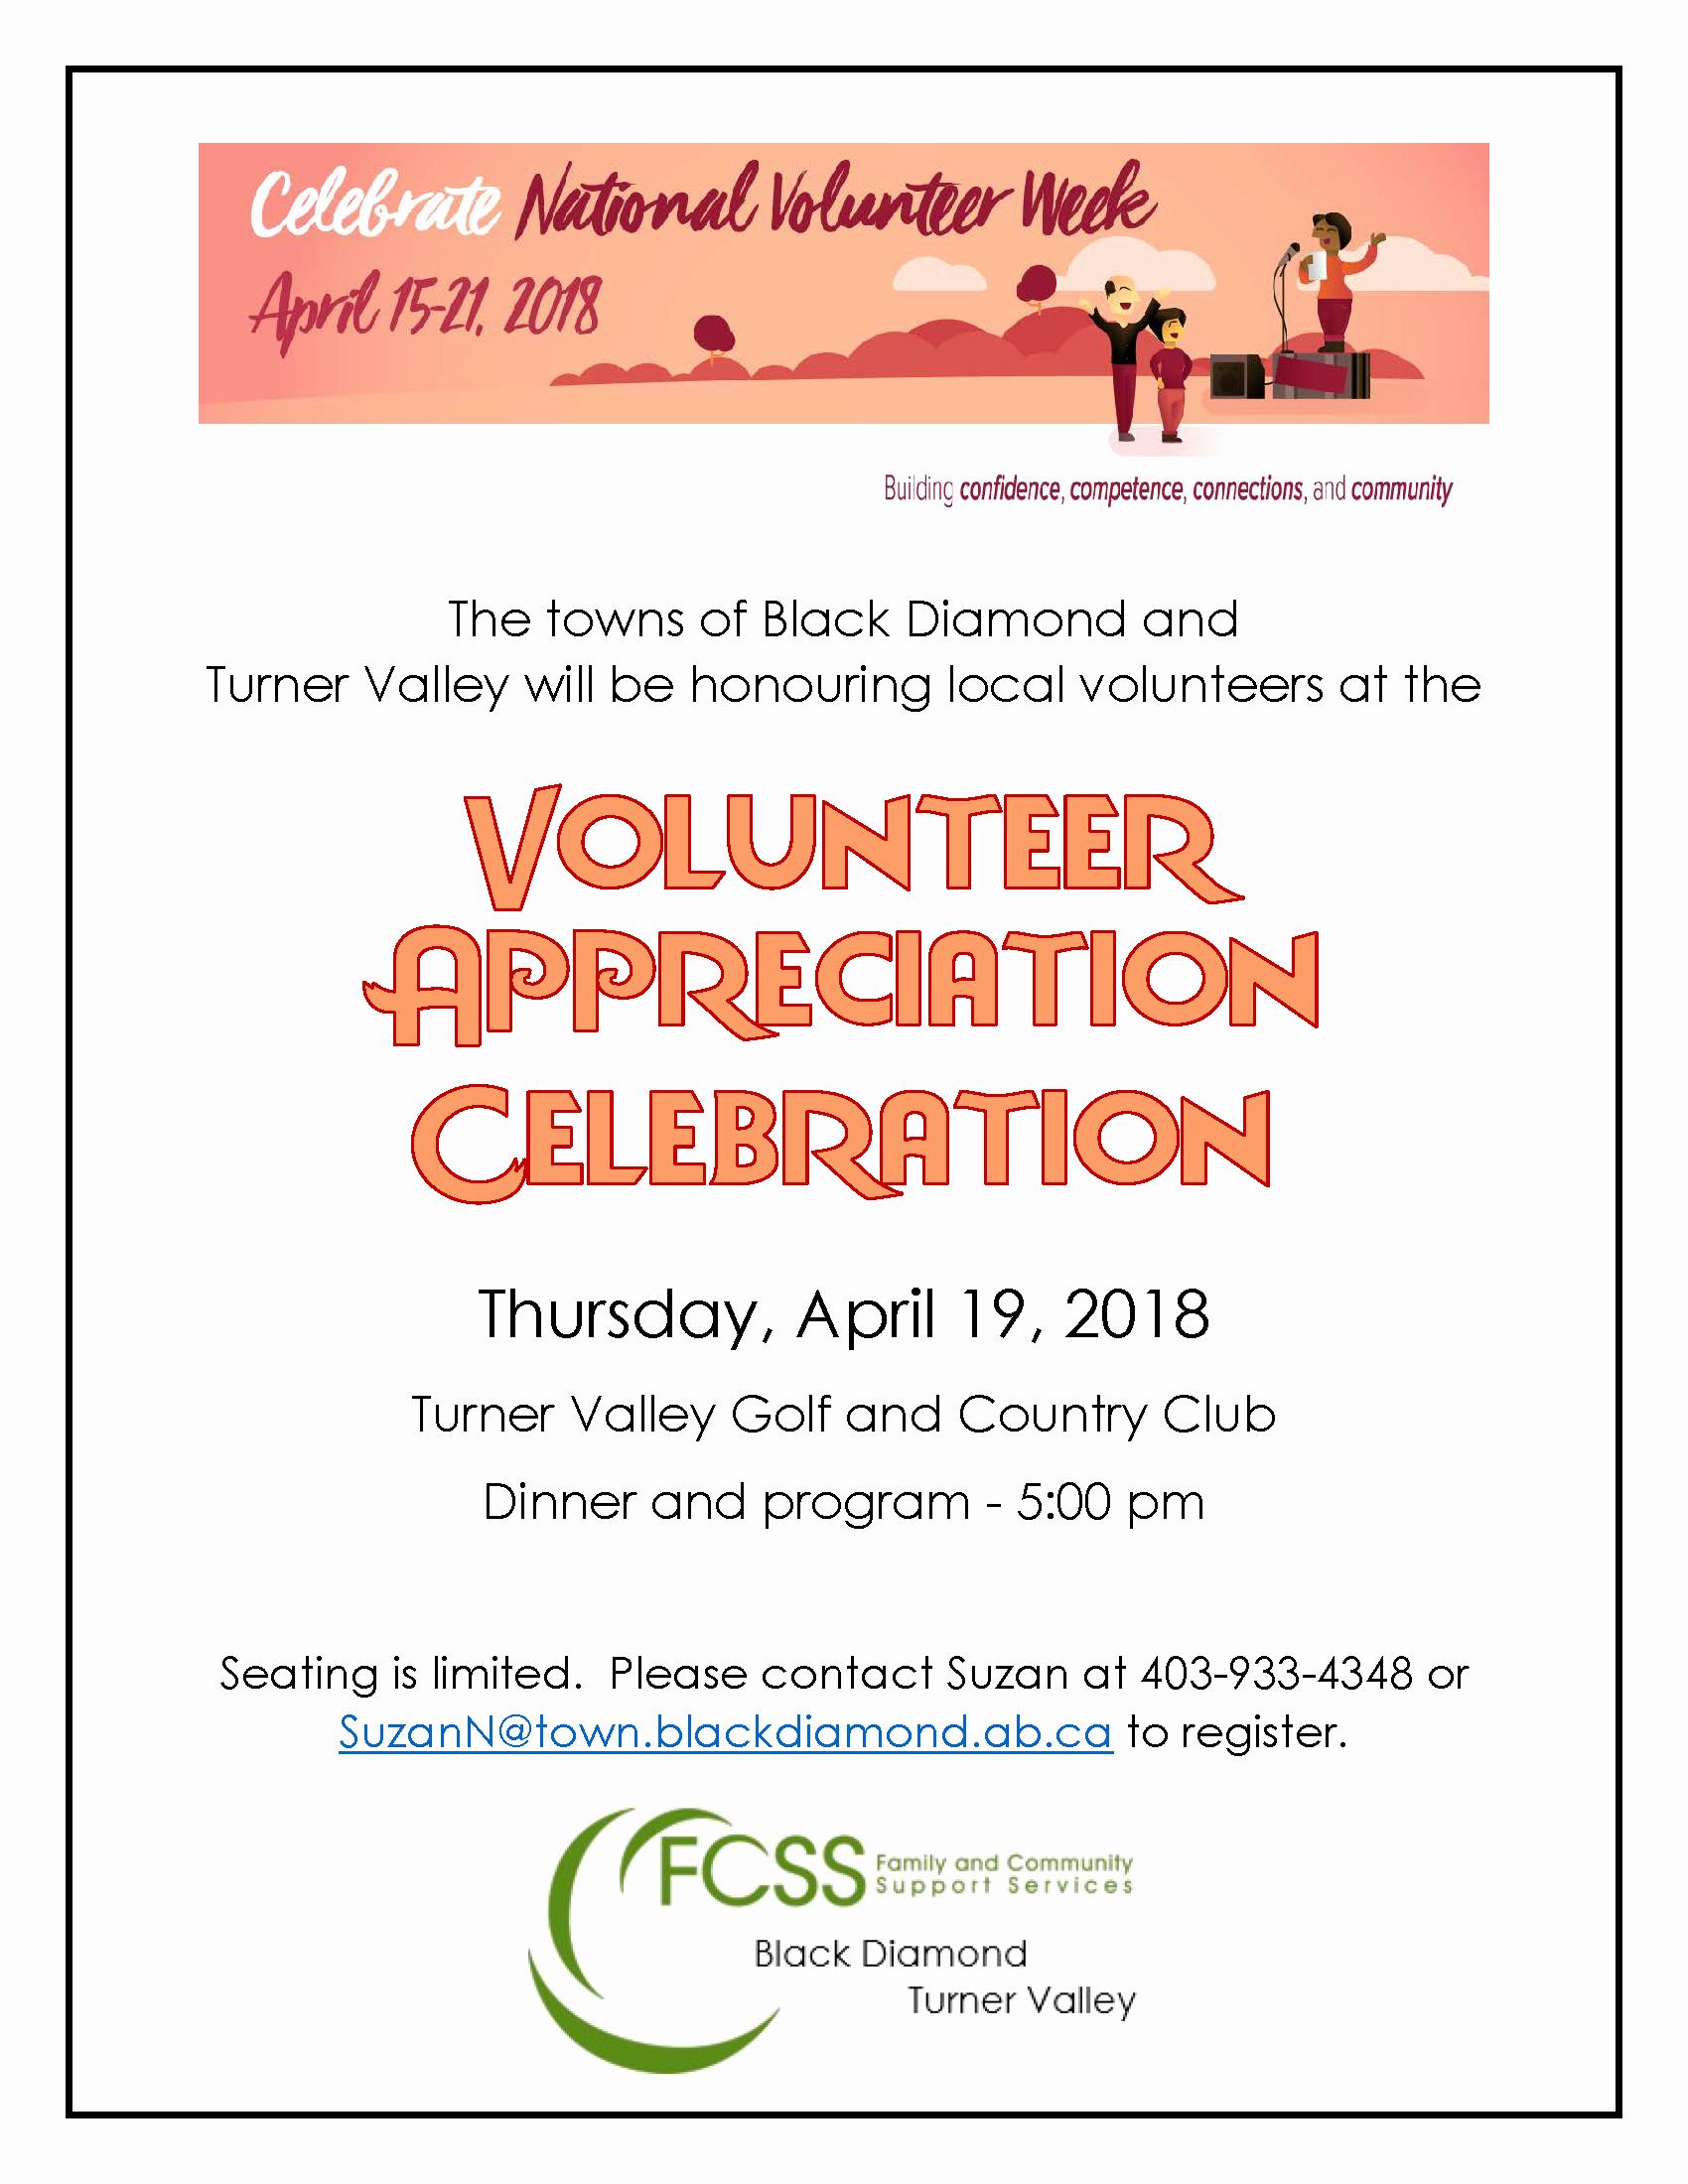 Volunteer Appreciation Invitation Wording Elegant Volunteer Appreciation Celebration